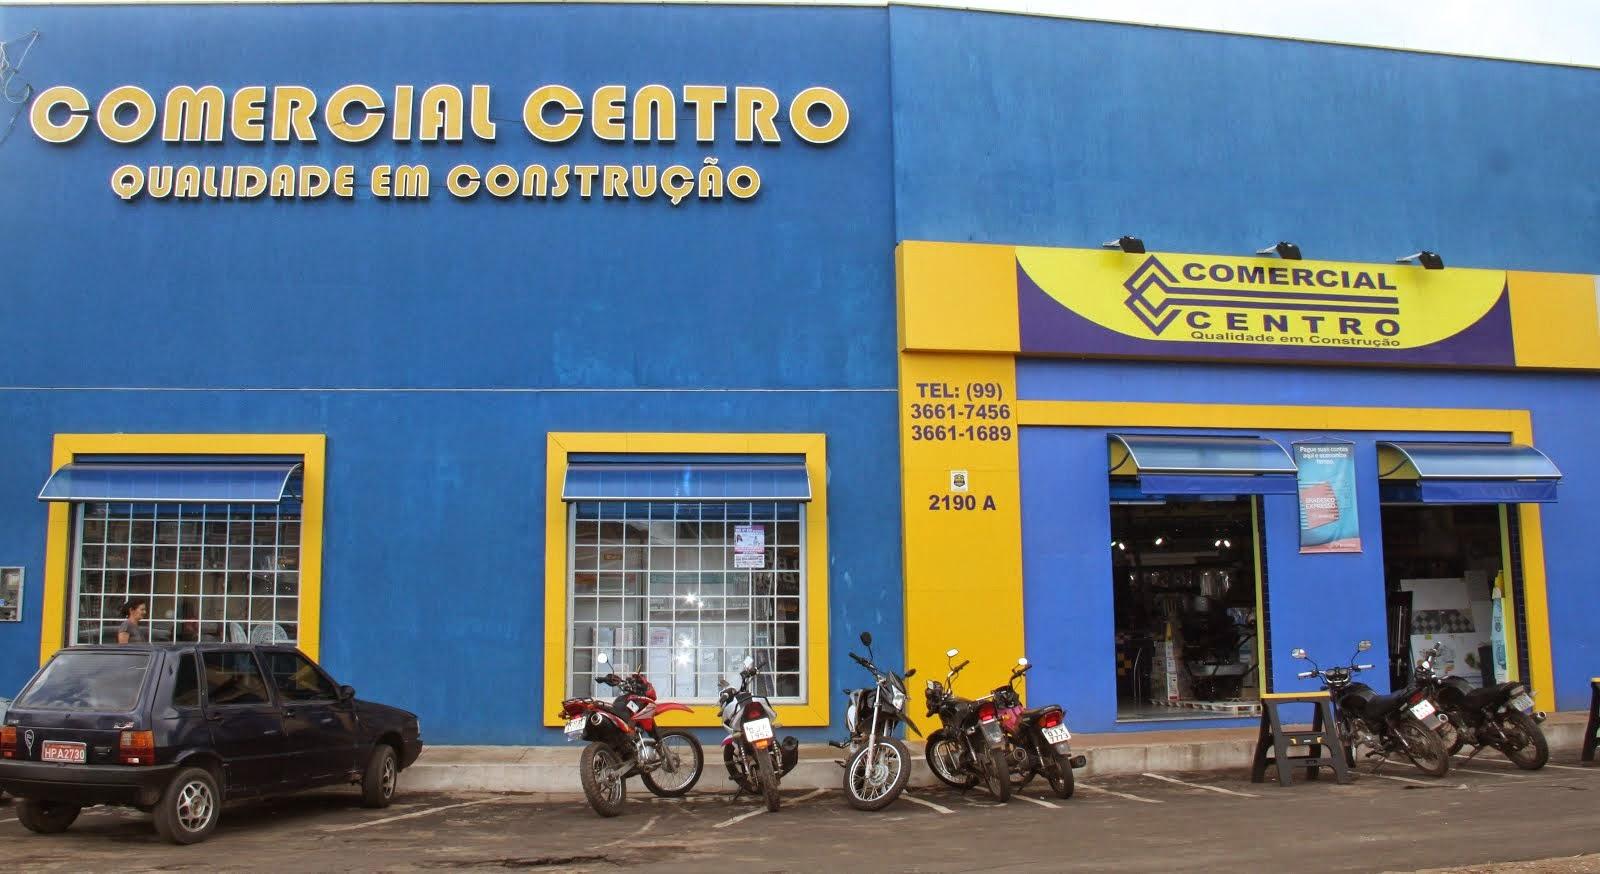 COMERCIAL CENTRO - CODÓ - FONE: (99) 3661-1689 / 3661-7456